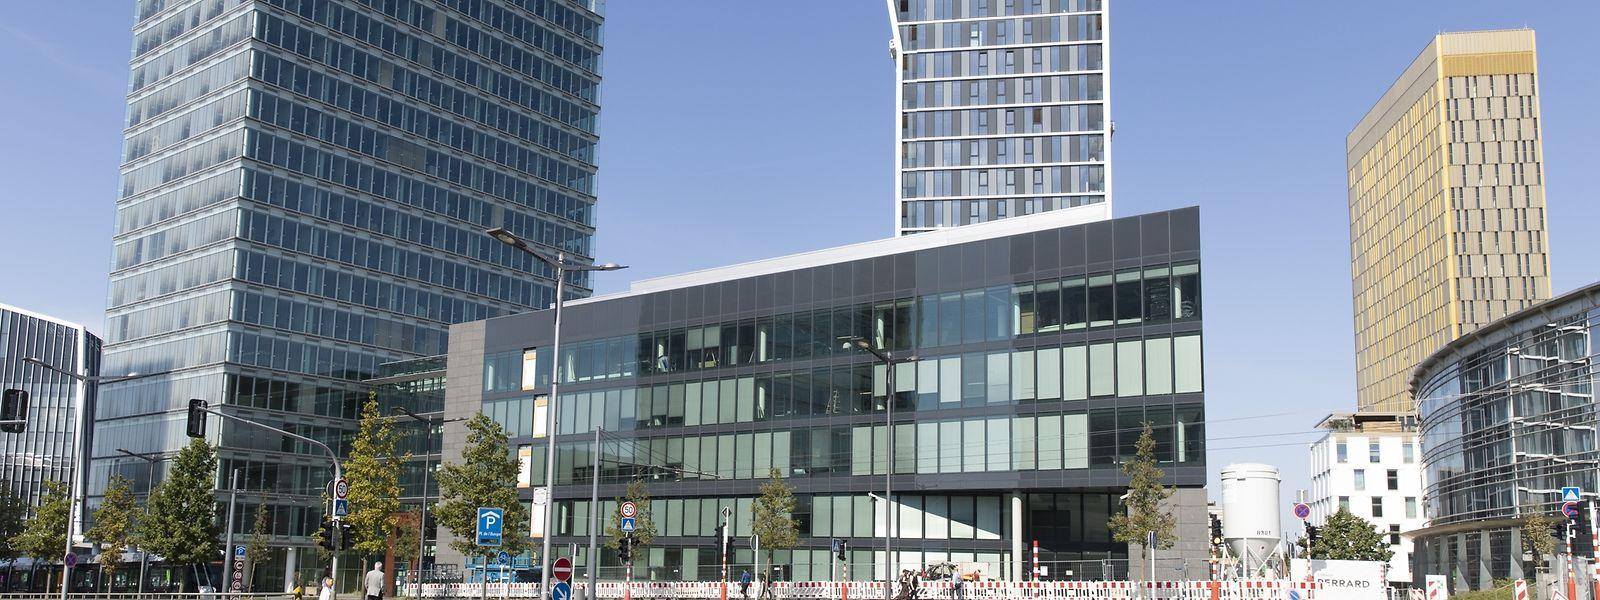 D'ici quelques semaines, le parquet européen prendra place au sein de la Tour B et de son annexe.